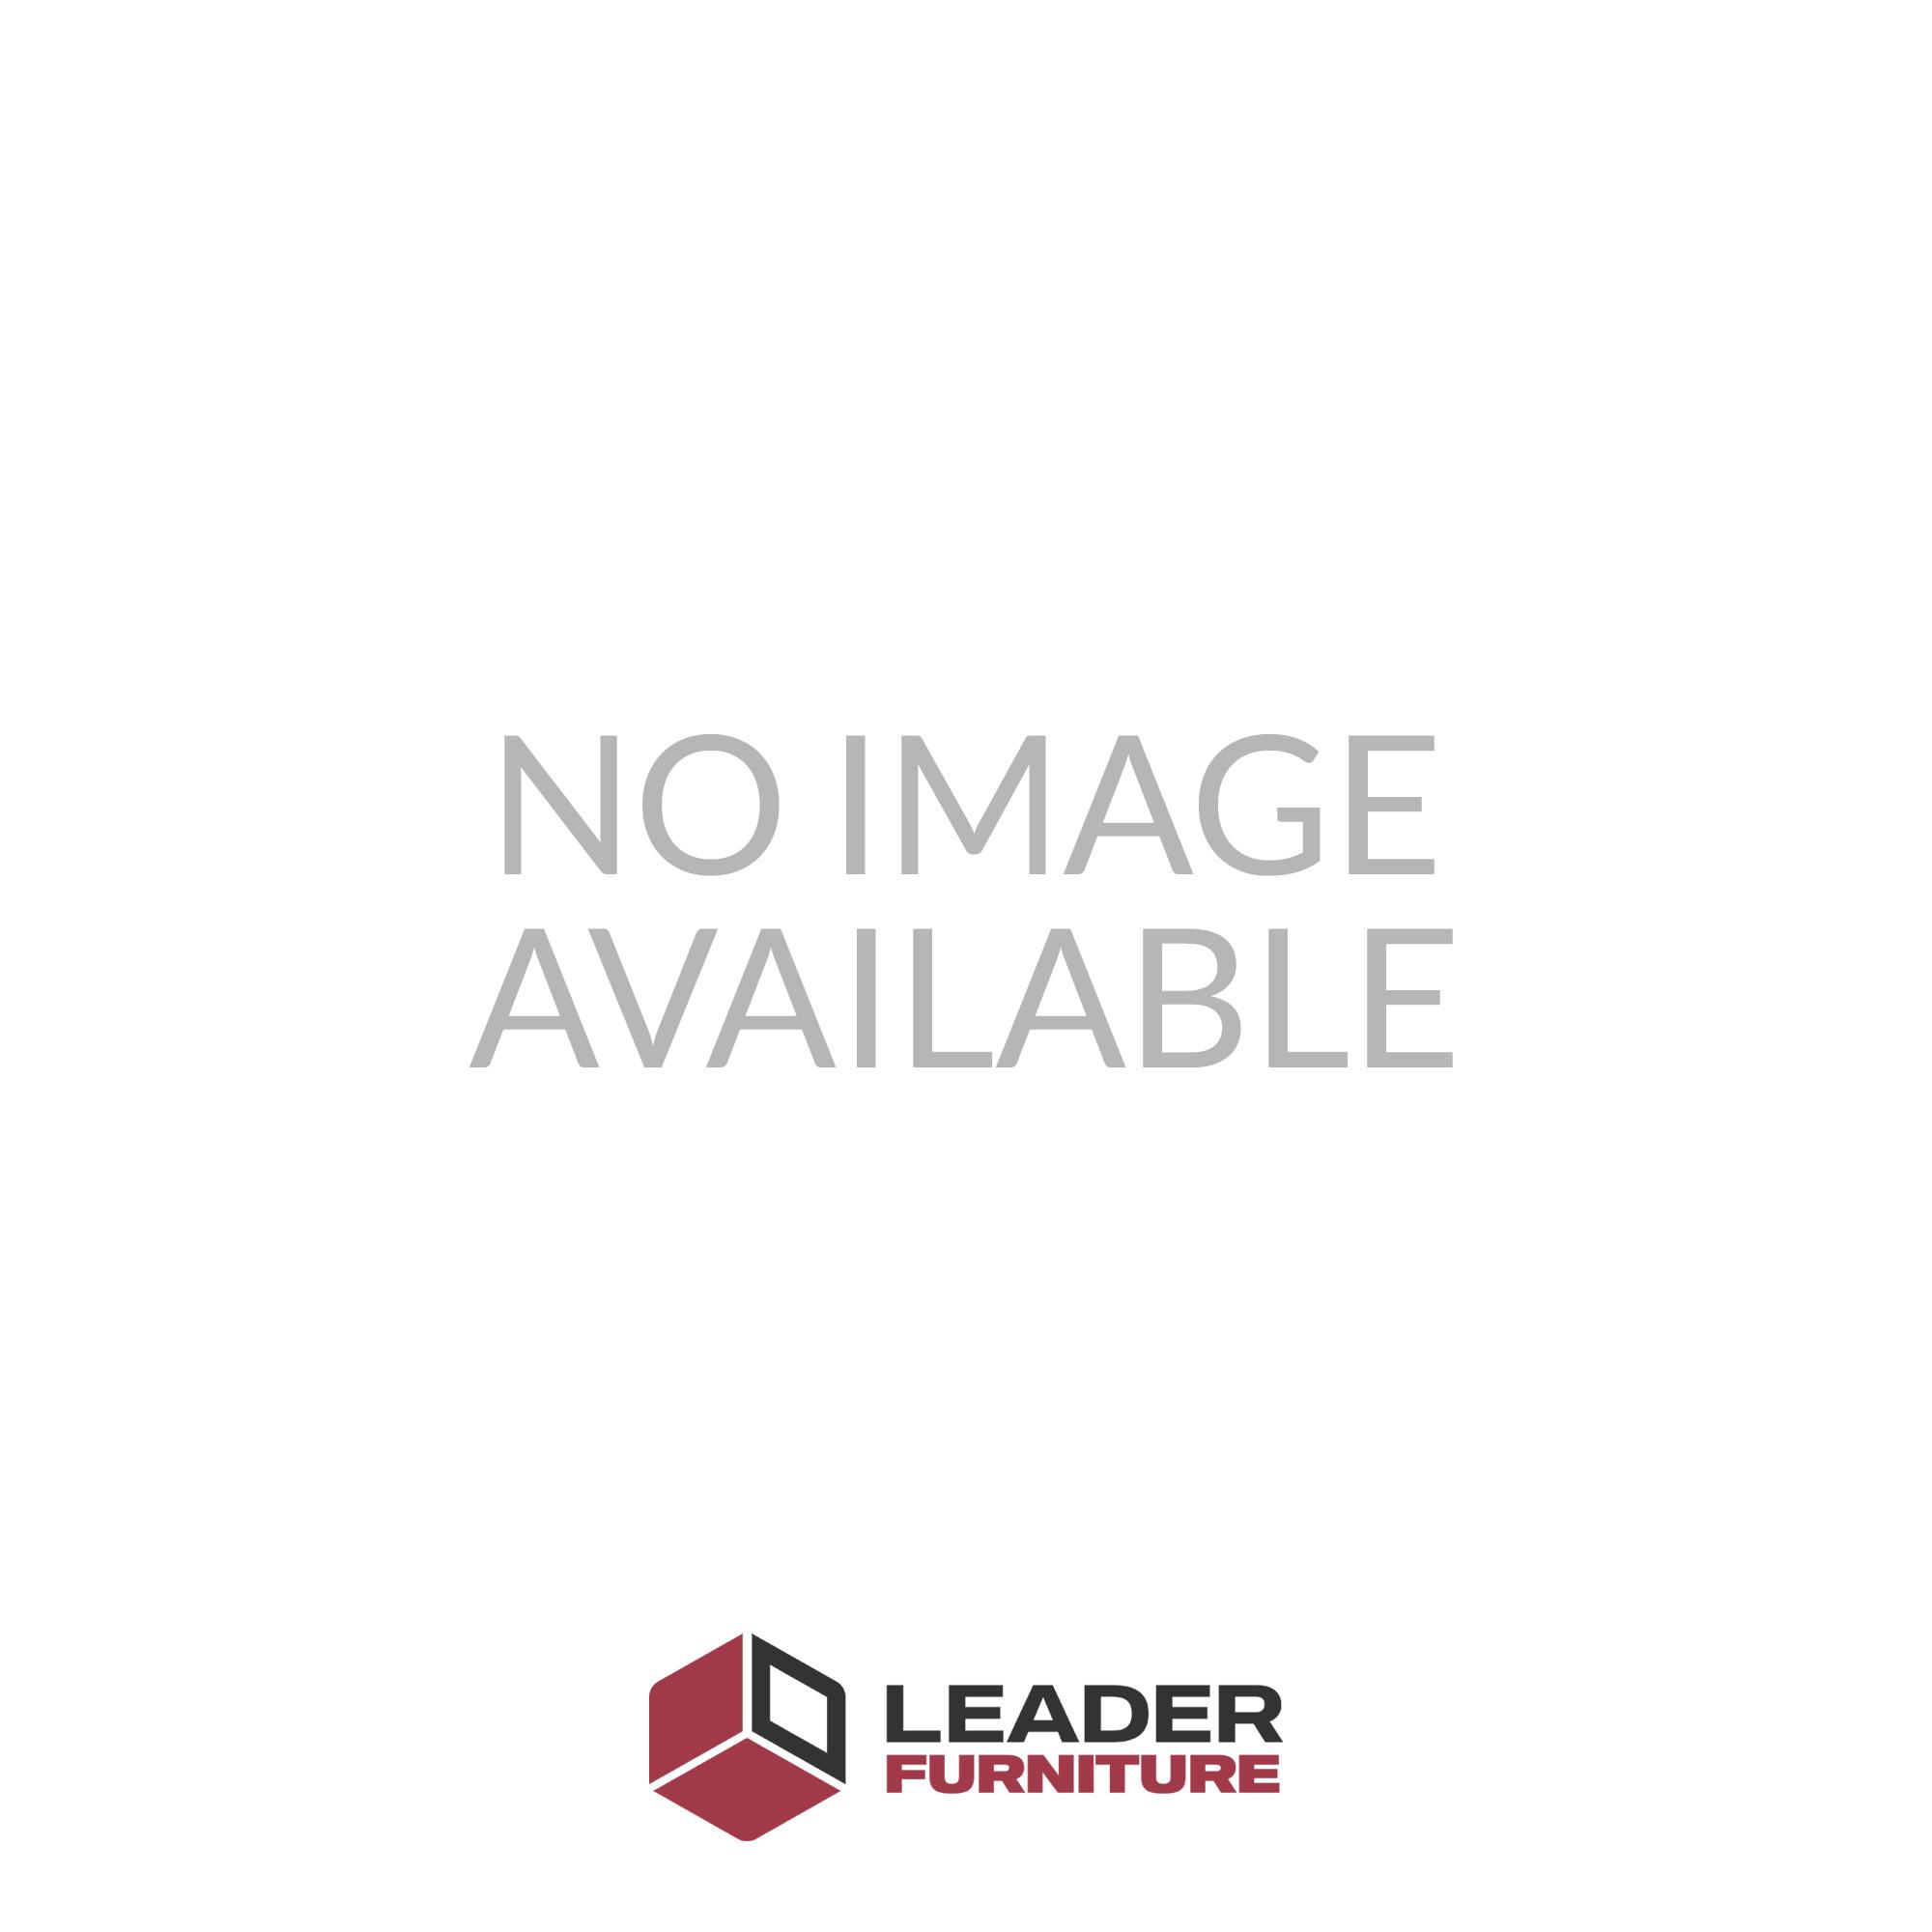 Kronofix Cottage 7mm Dark Kolberg 4v Groove Laminate Flooring (5971)